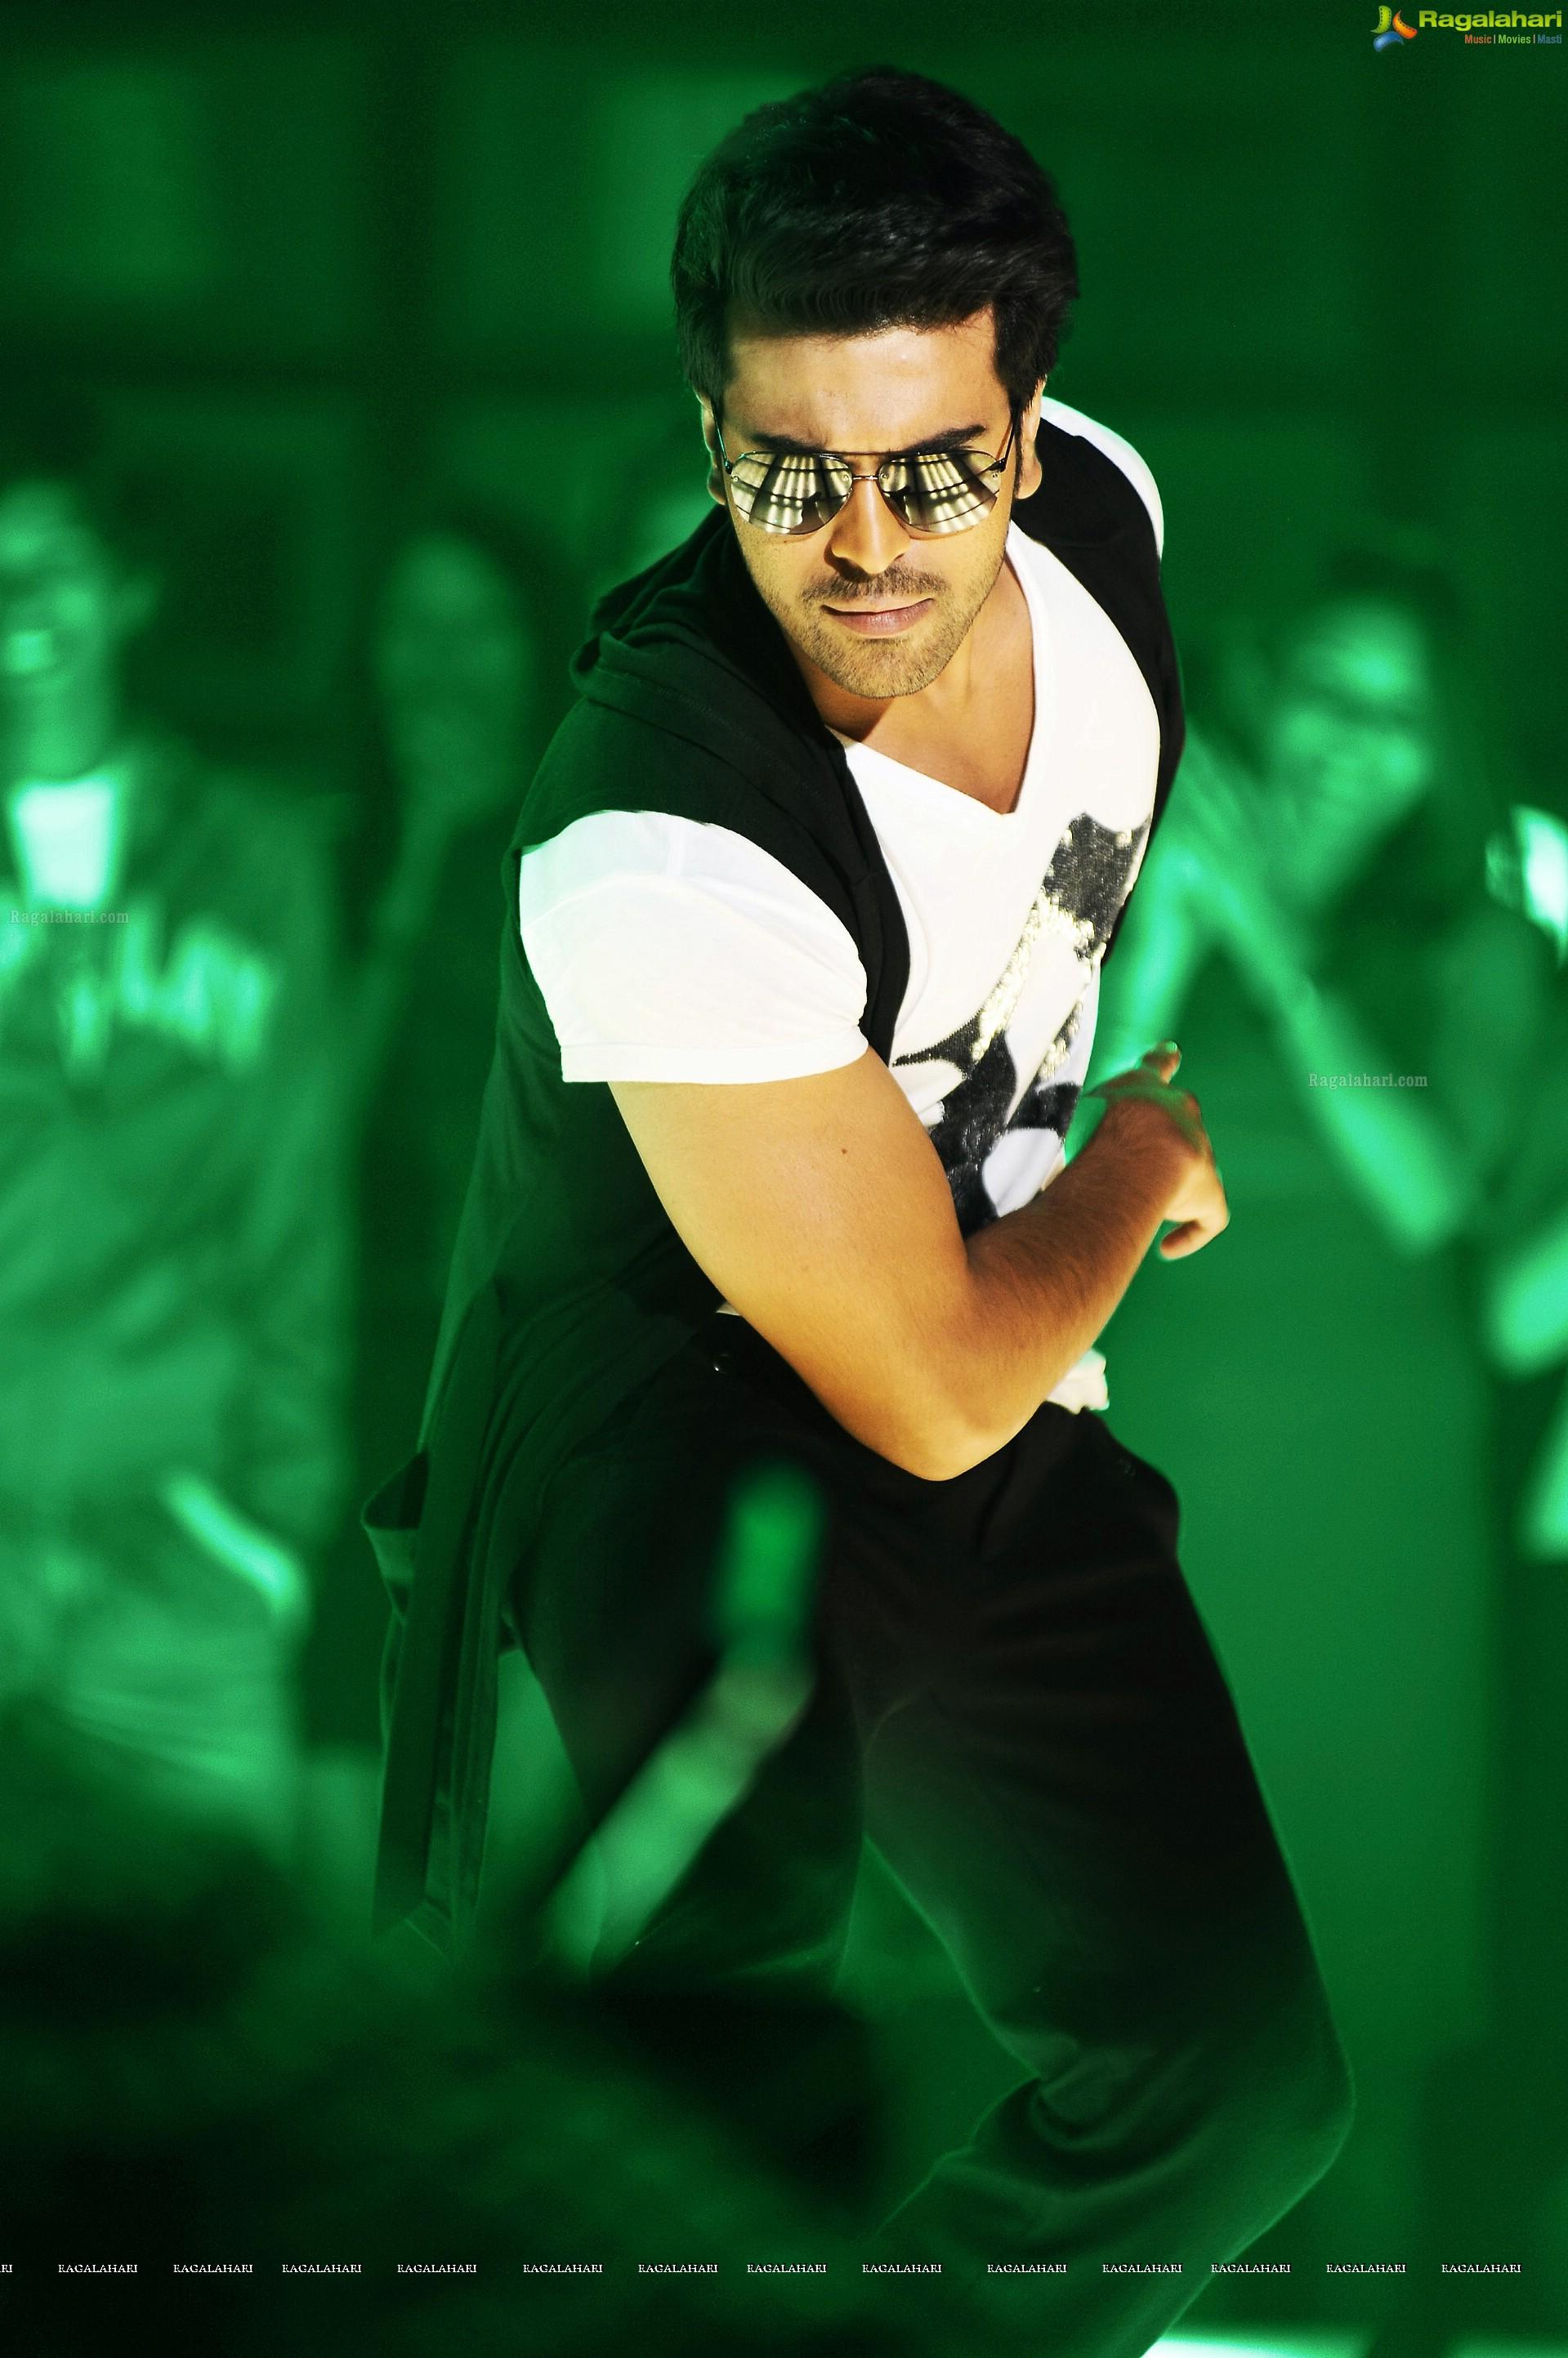 ram charan (hd) image 6 | telugu actor photos,images, photos